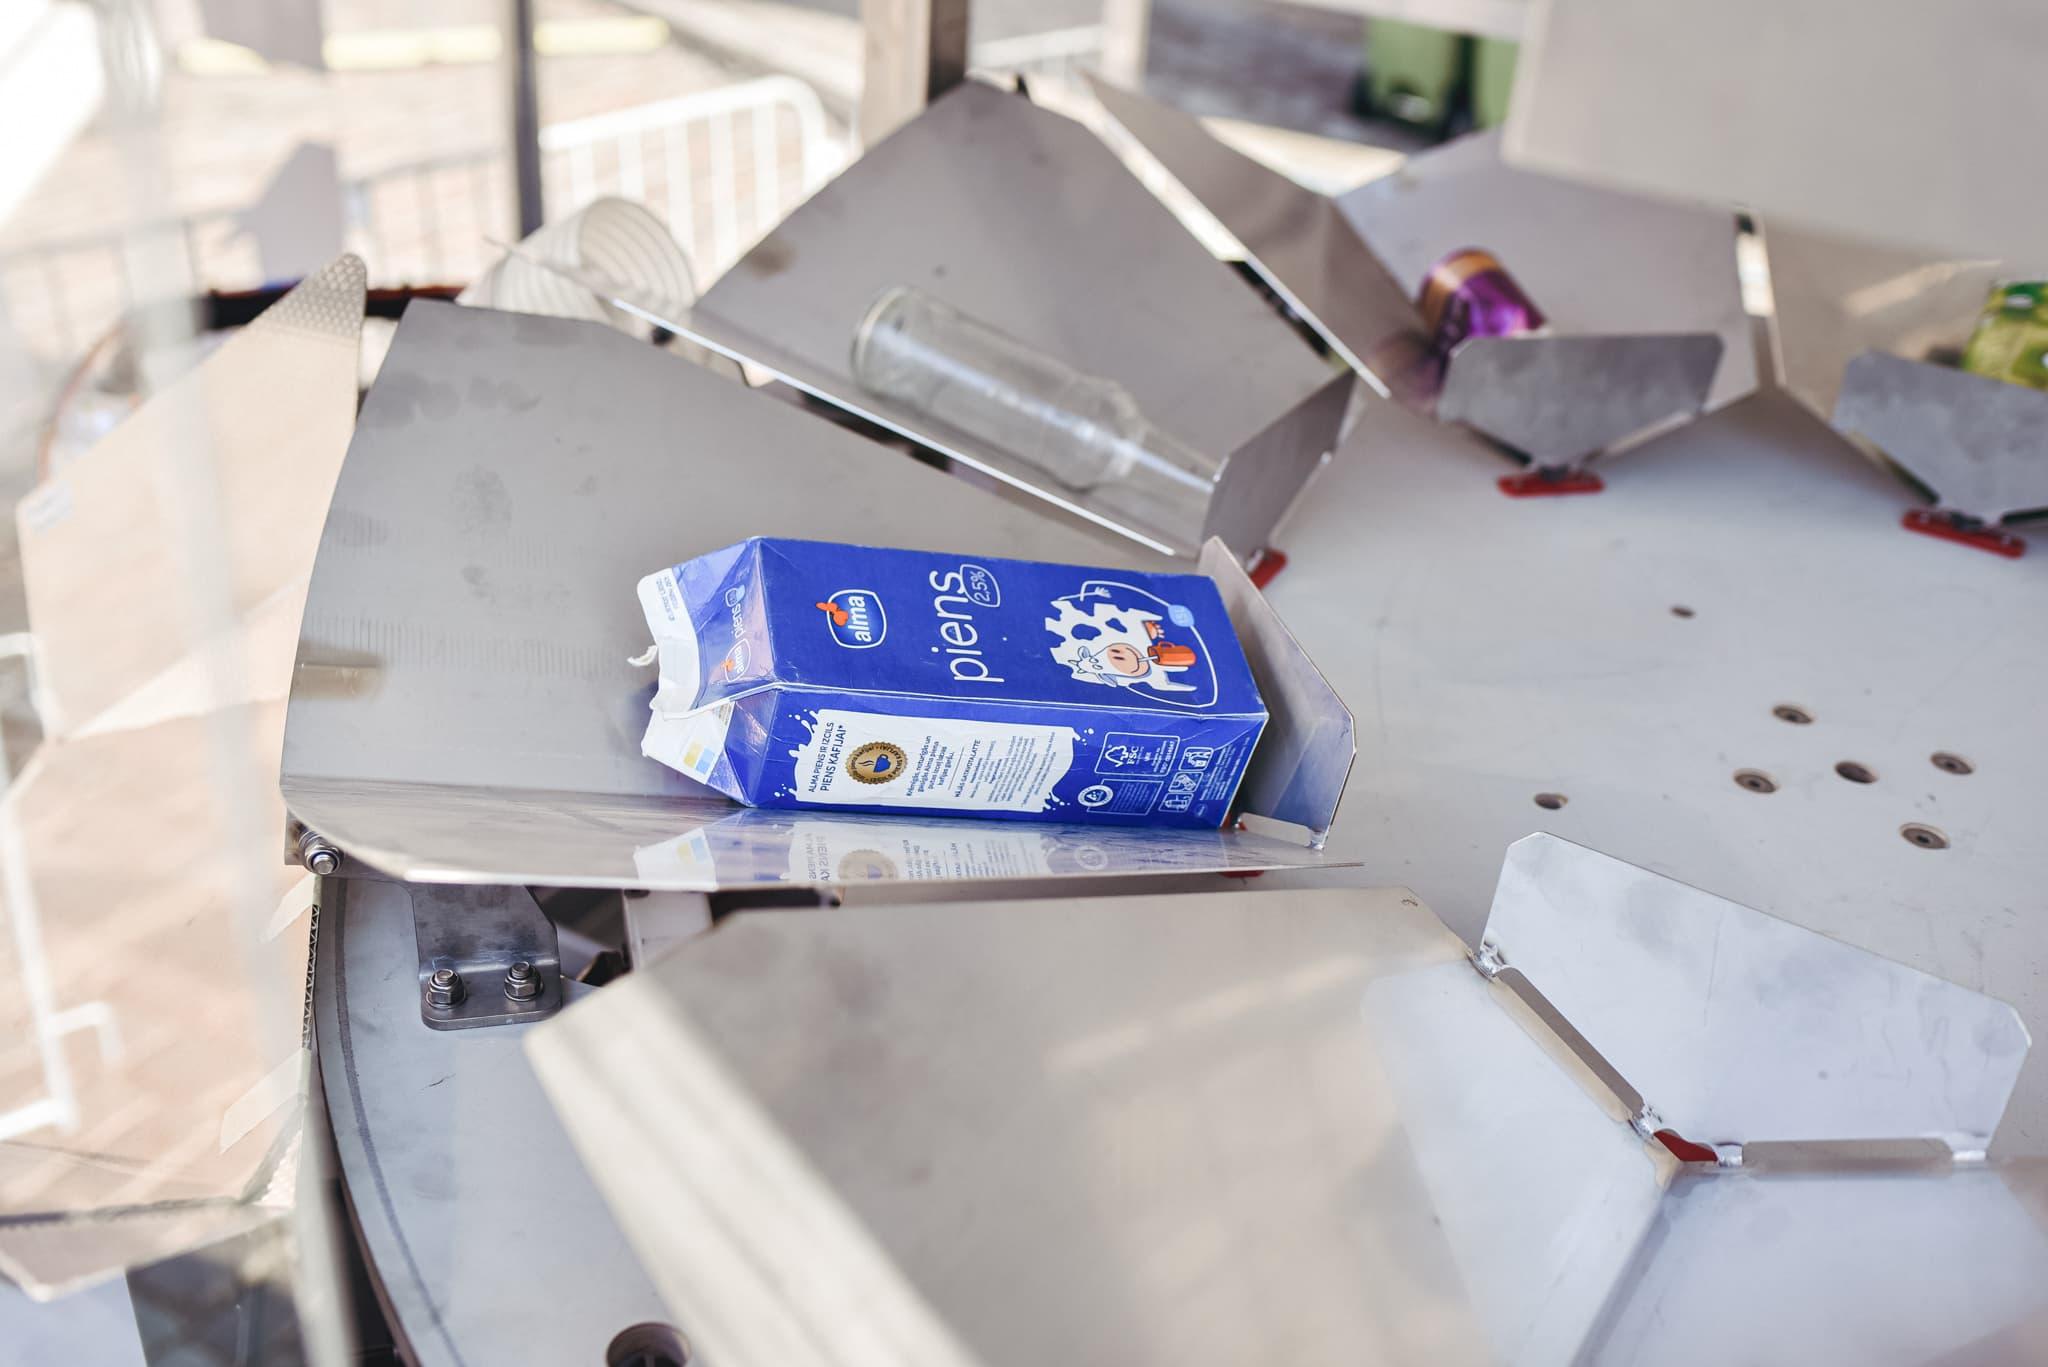 Läti jäätmeautomaat saab aru, mida tema sisse pannakse